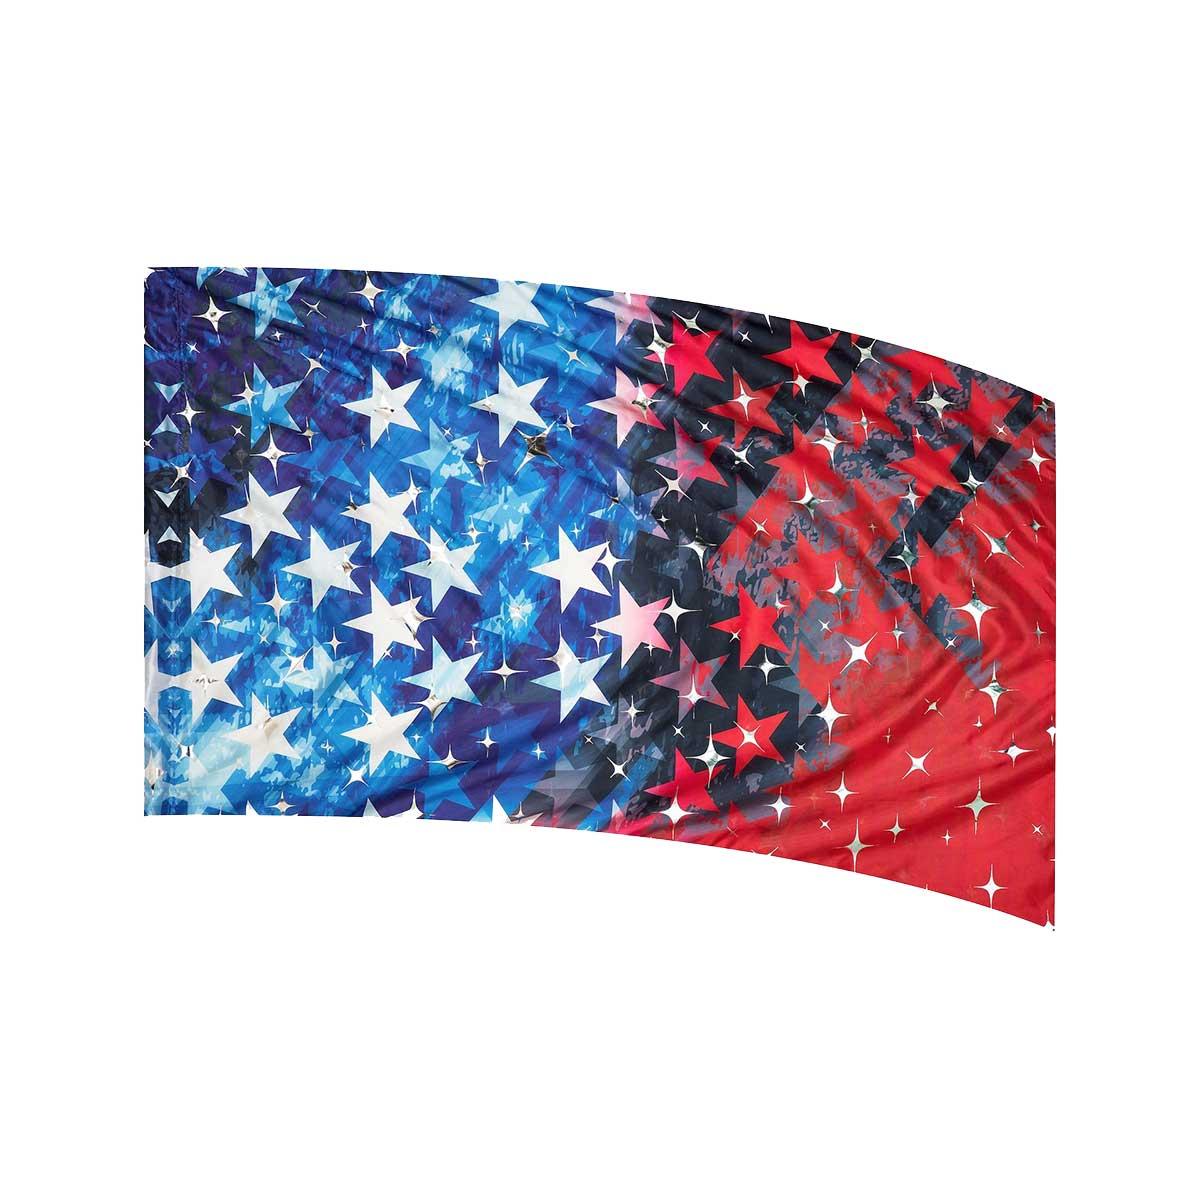 In-Stock Genesis Flags: 7009